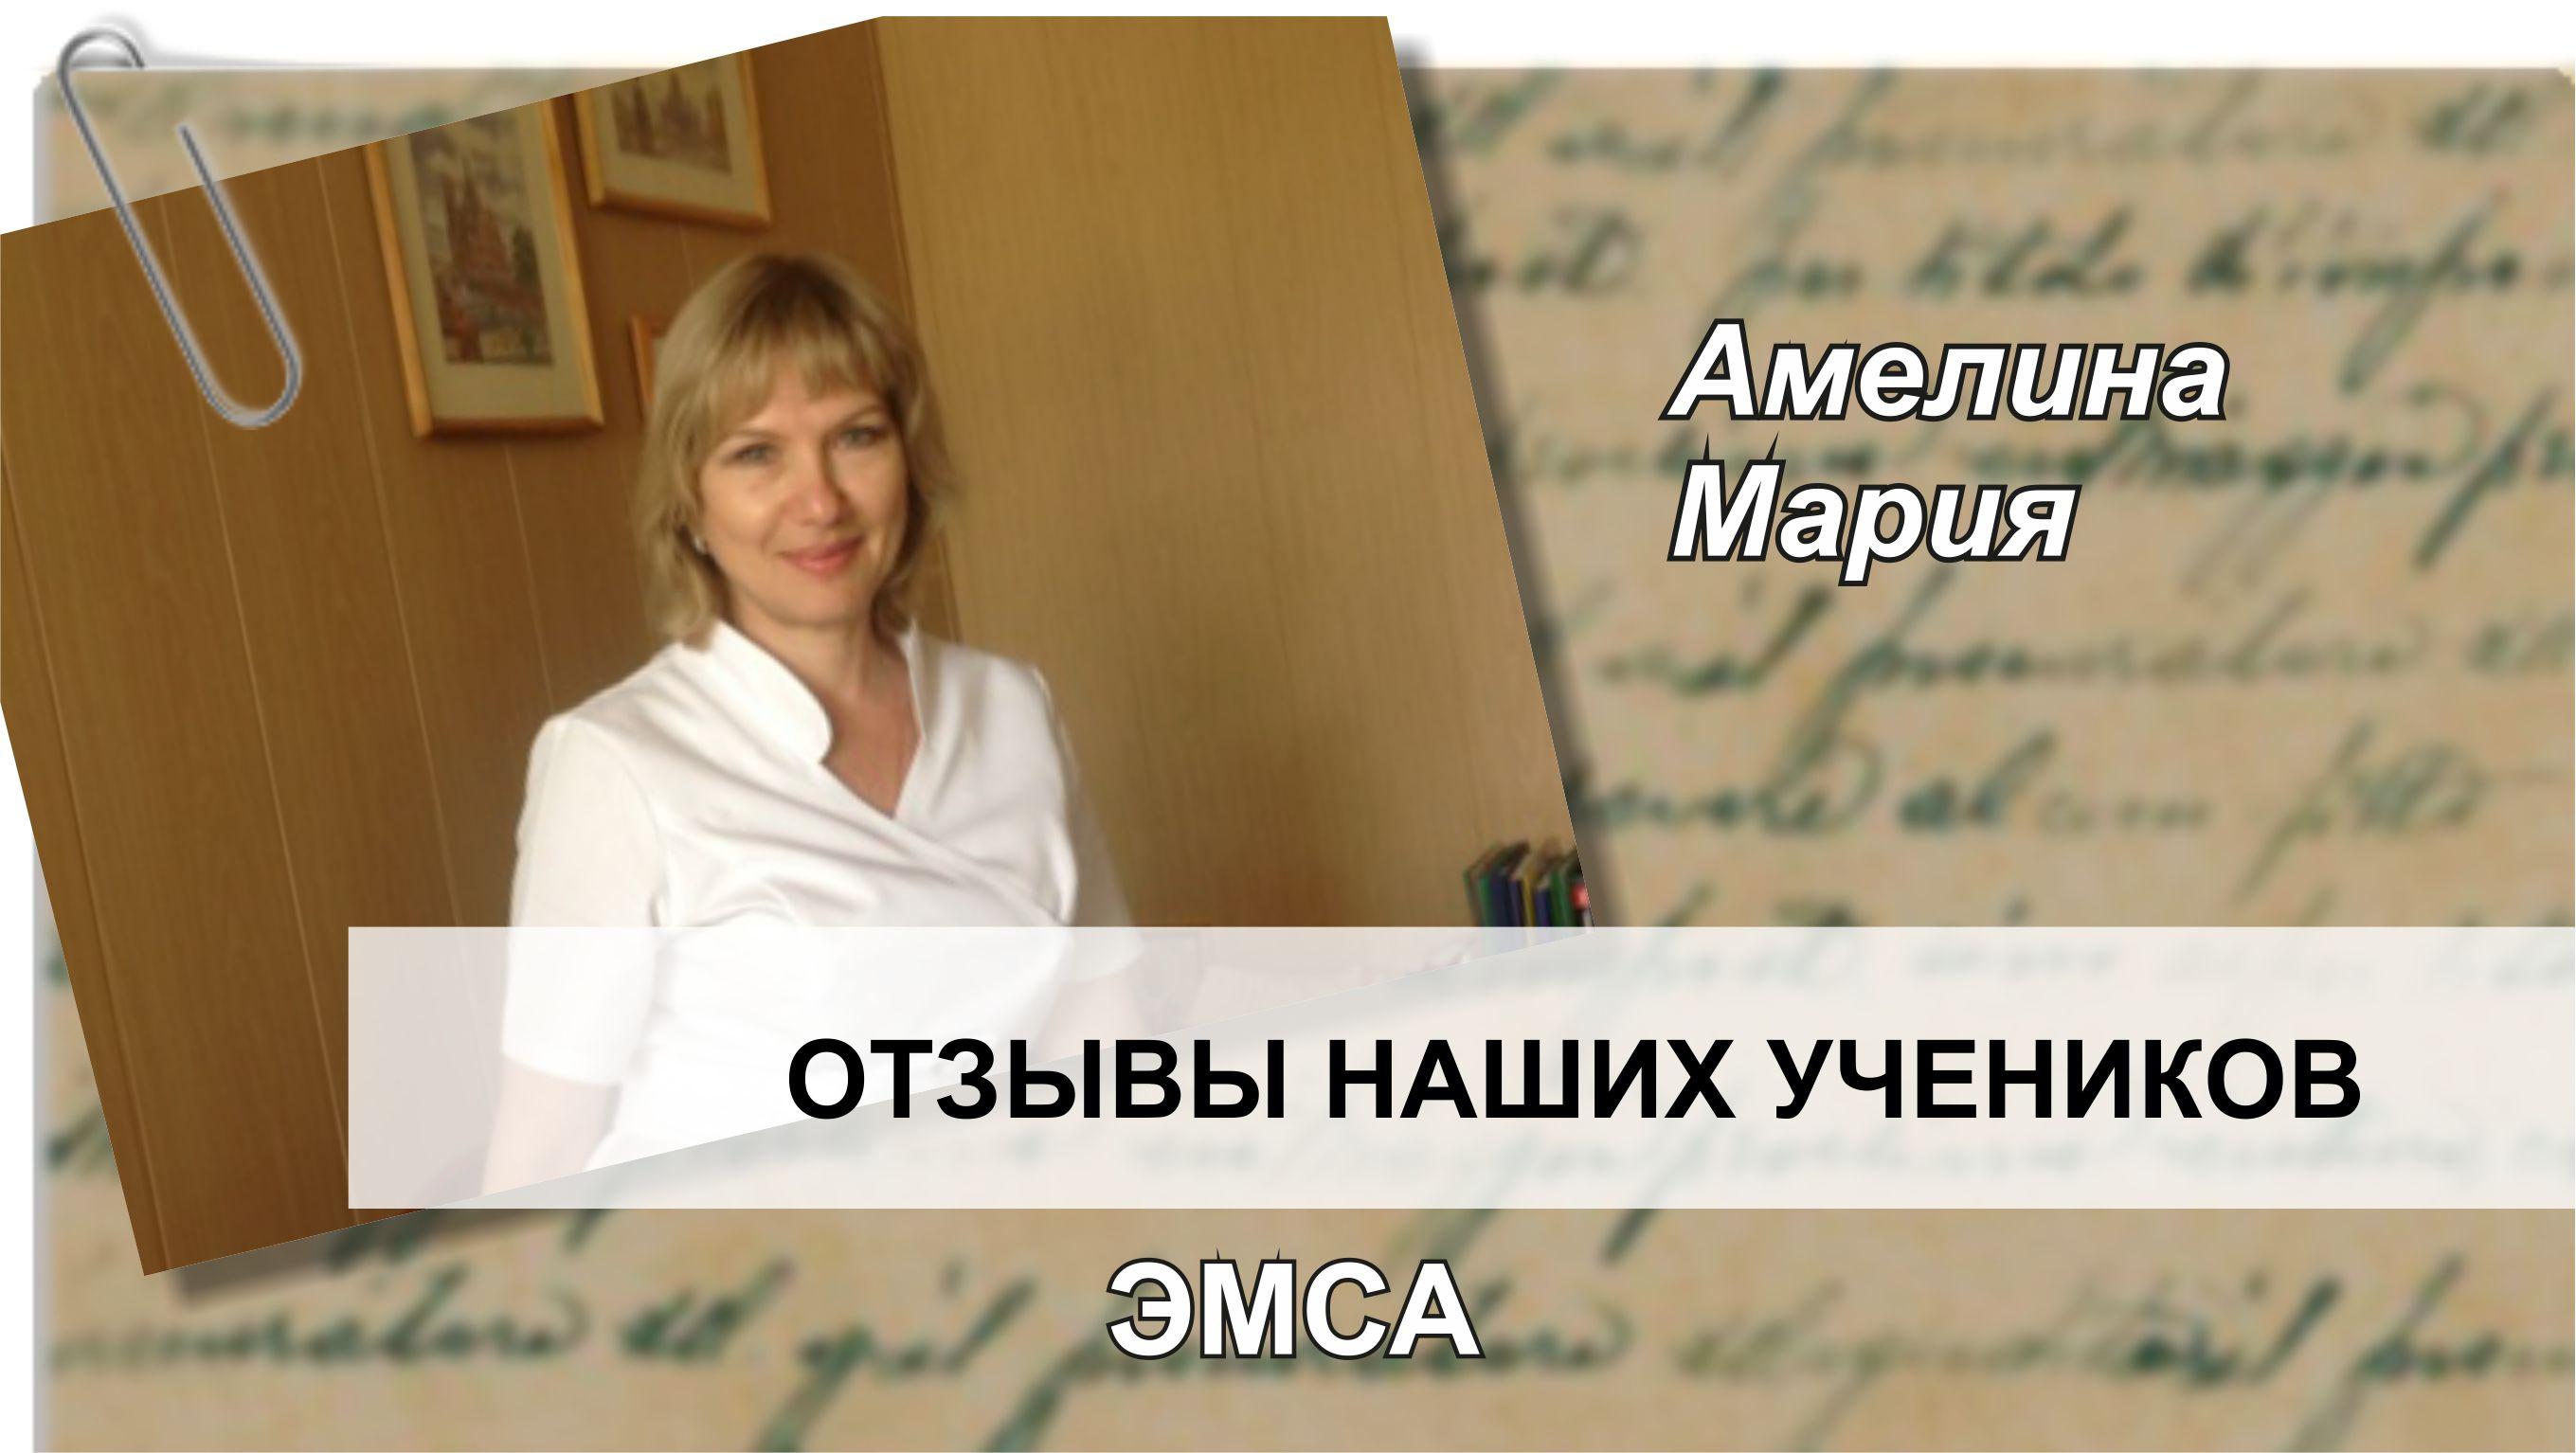 Амелина Мария делится впечатлениями после обучения в РШТ